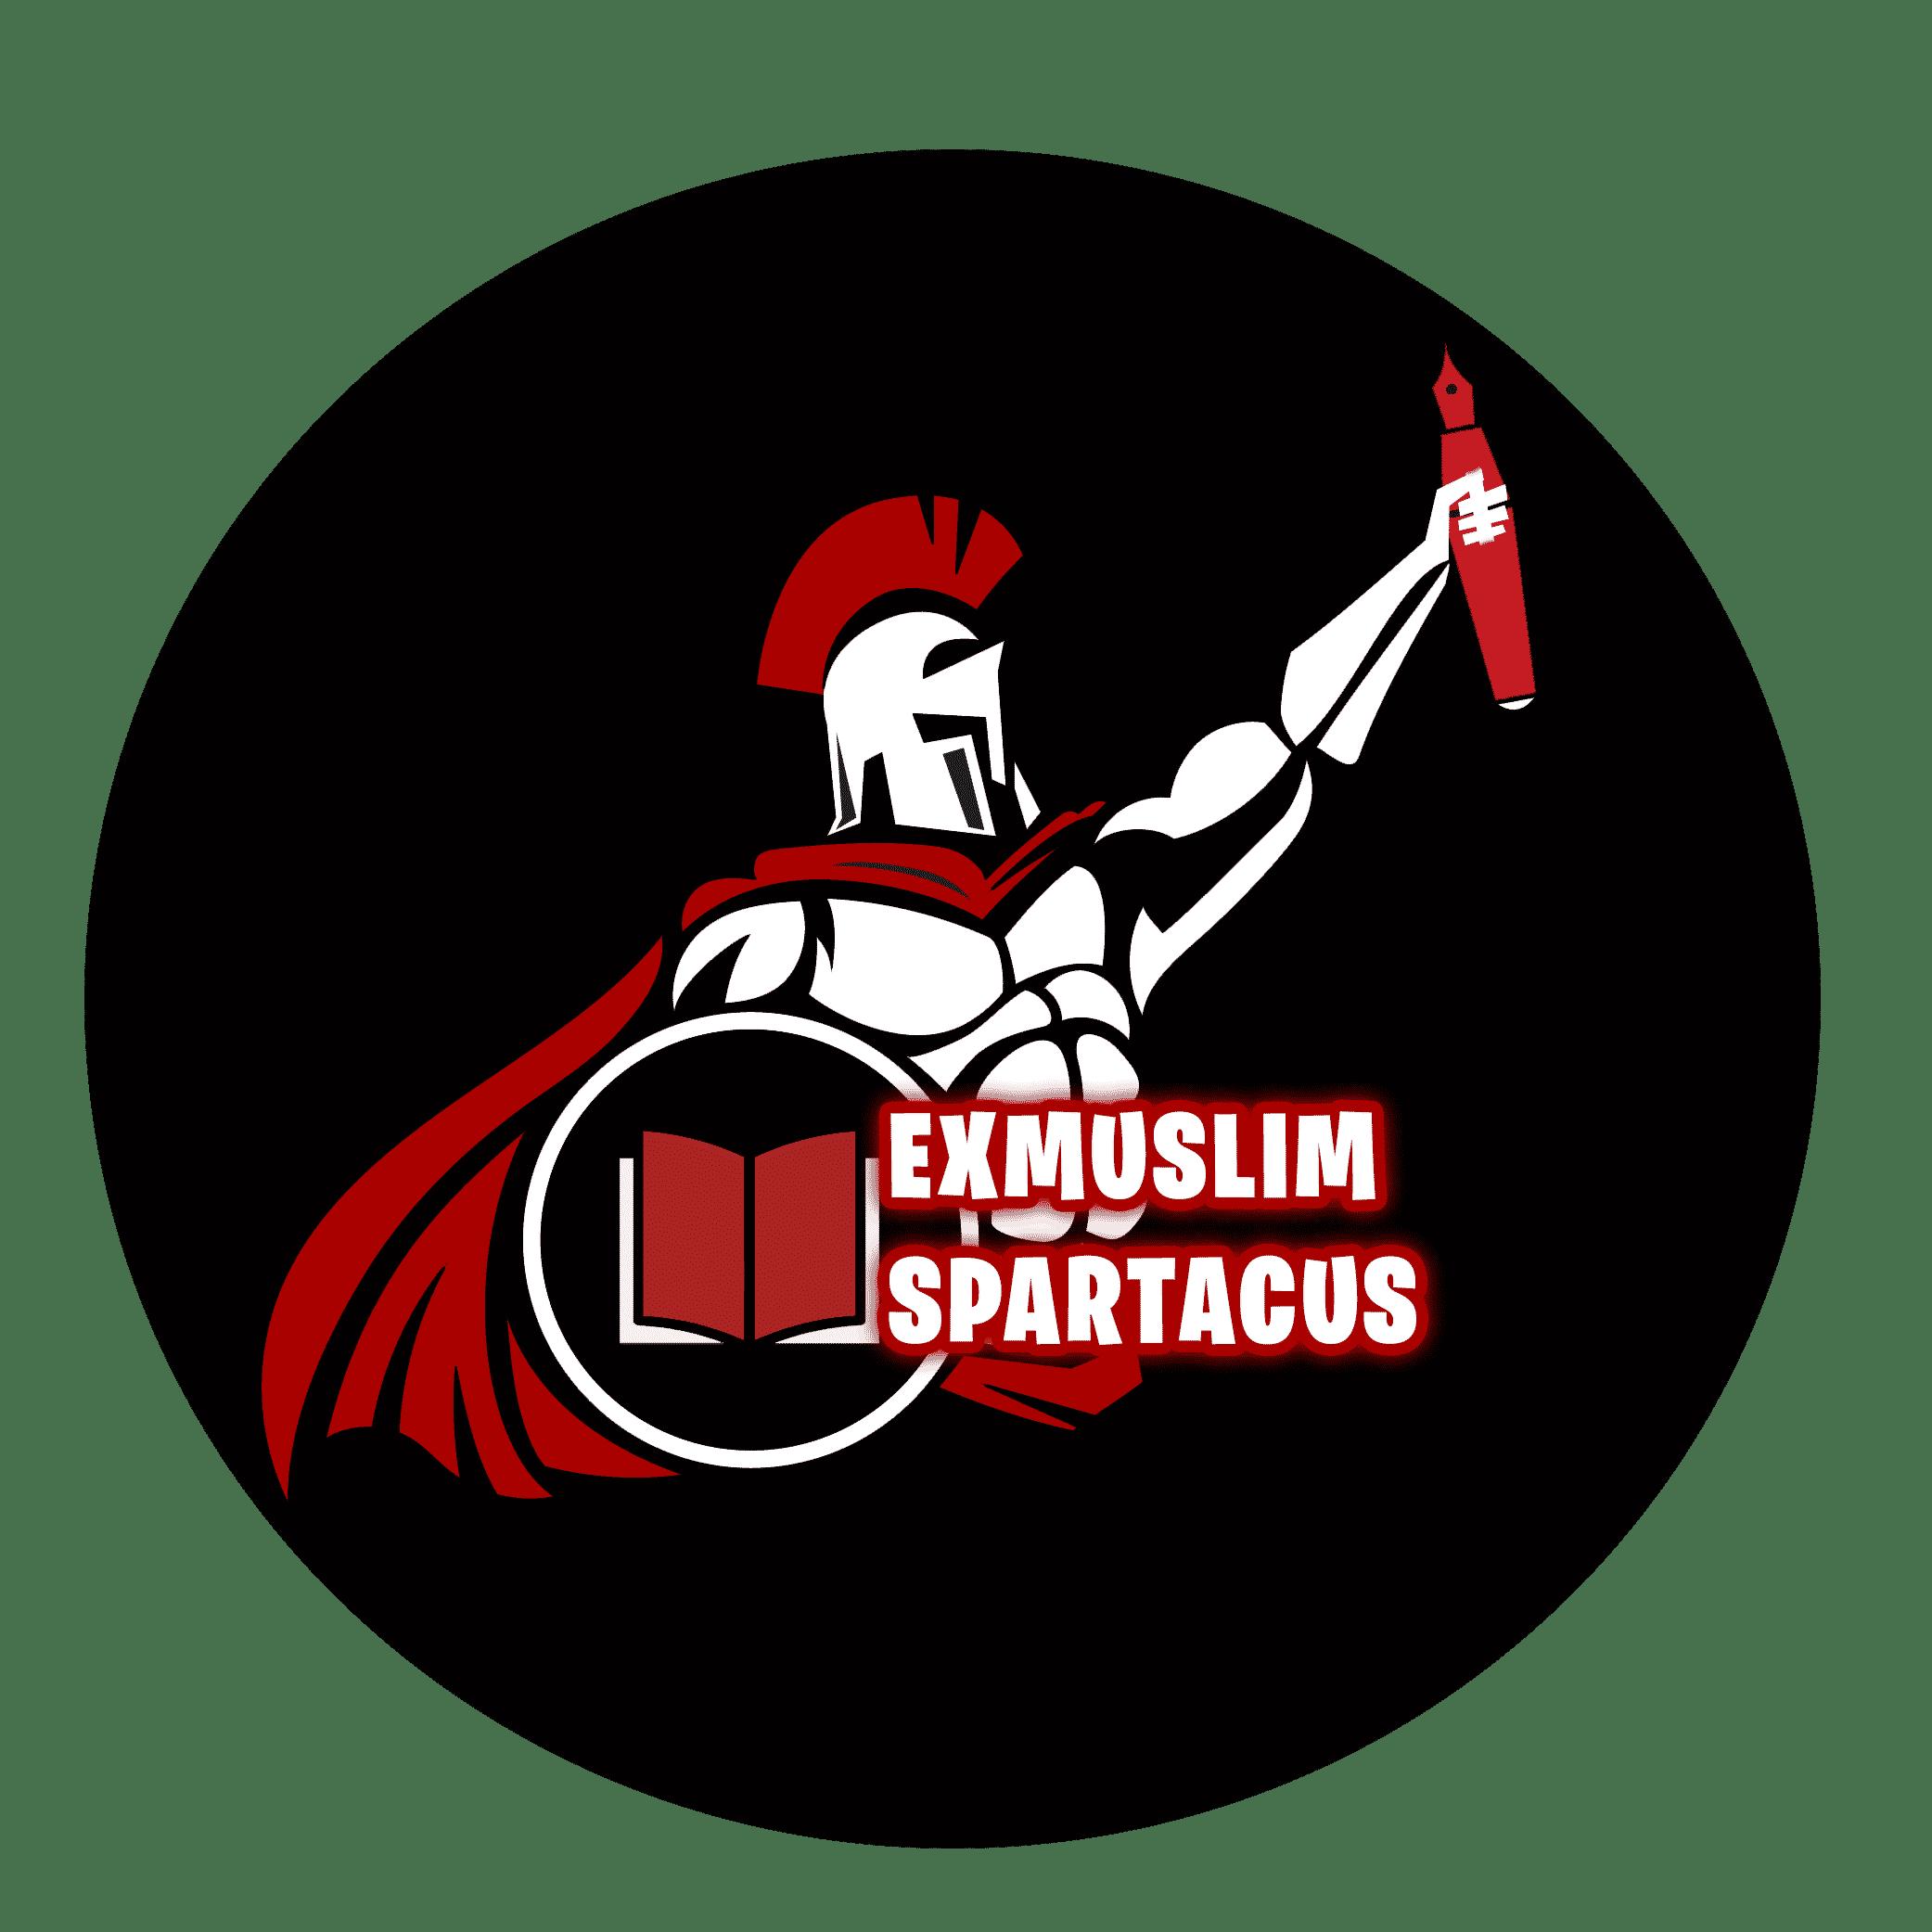 Exmuslim Spartacus